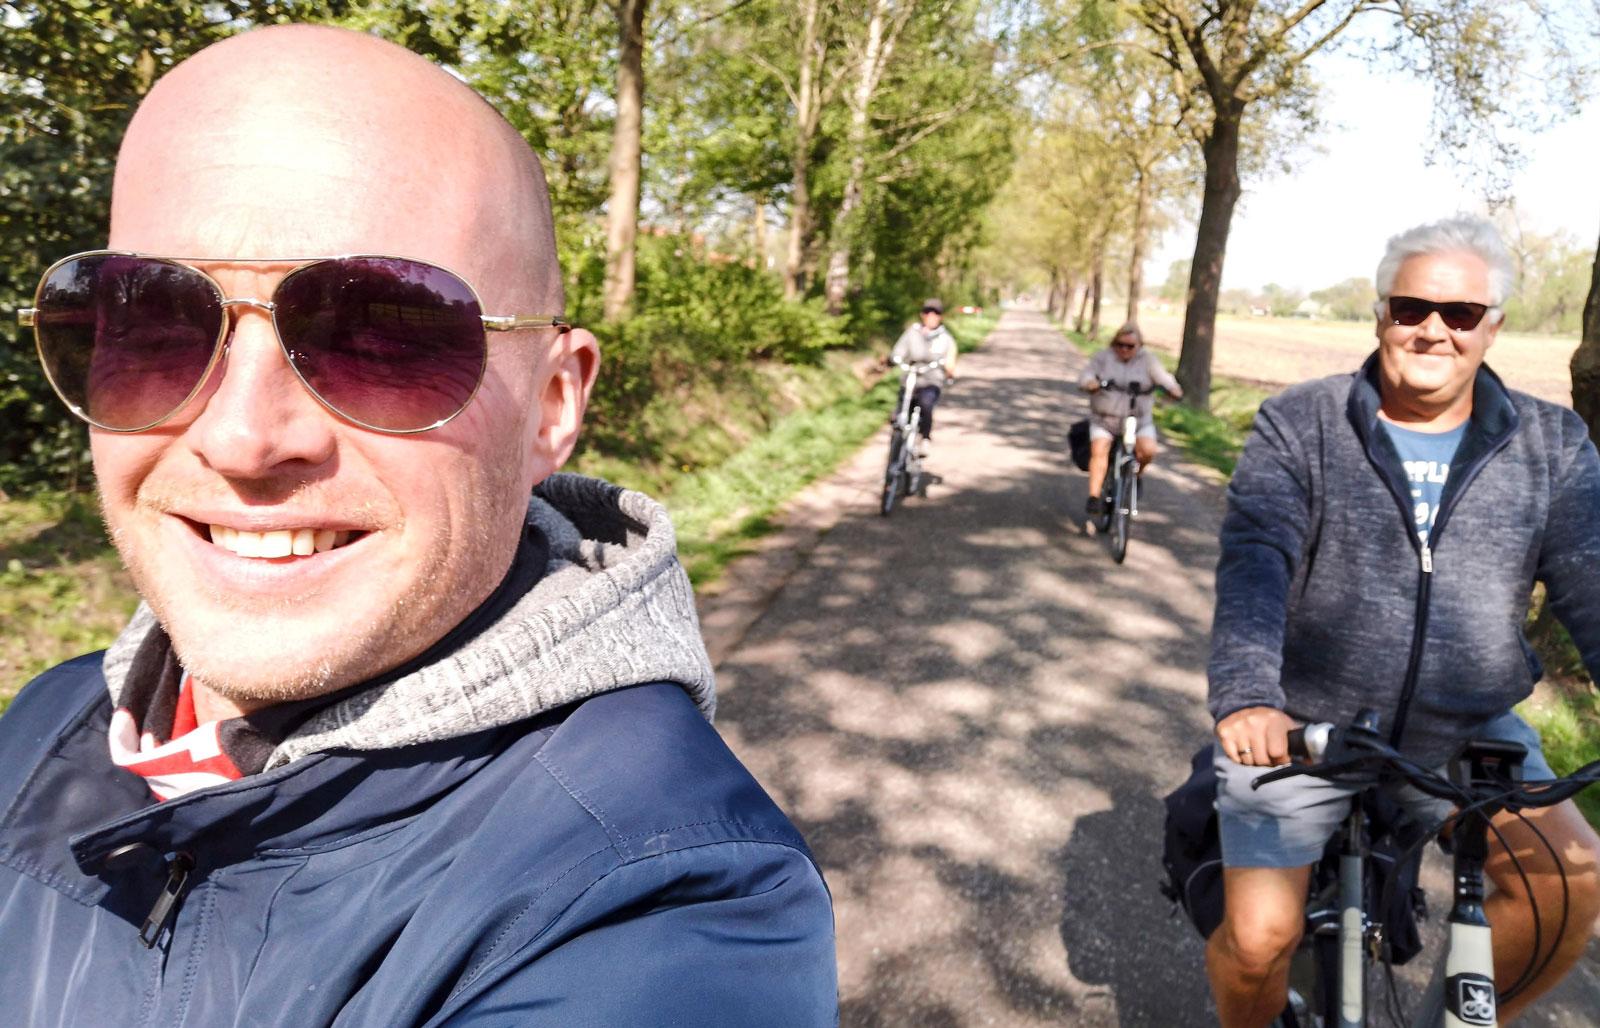 Sällan har det varit så roligt att cykla som när man gör det i sakta mak i sällskap av vänner. Dessutom ger det väldigt bra motion och benstyrka, trots hjälpmotorn.